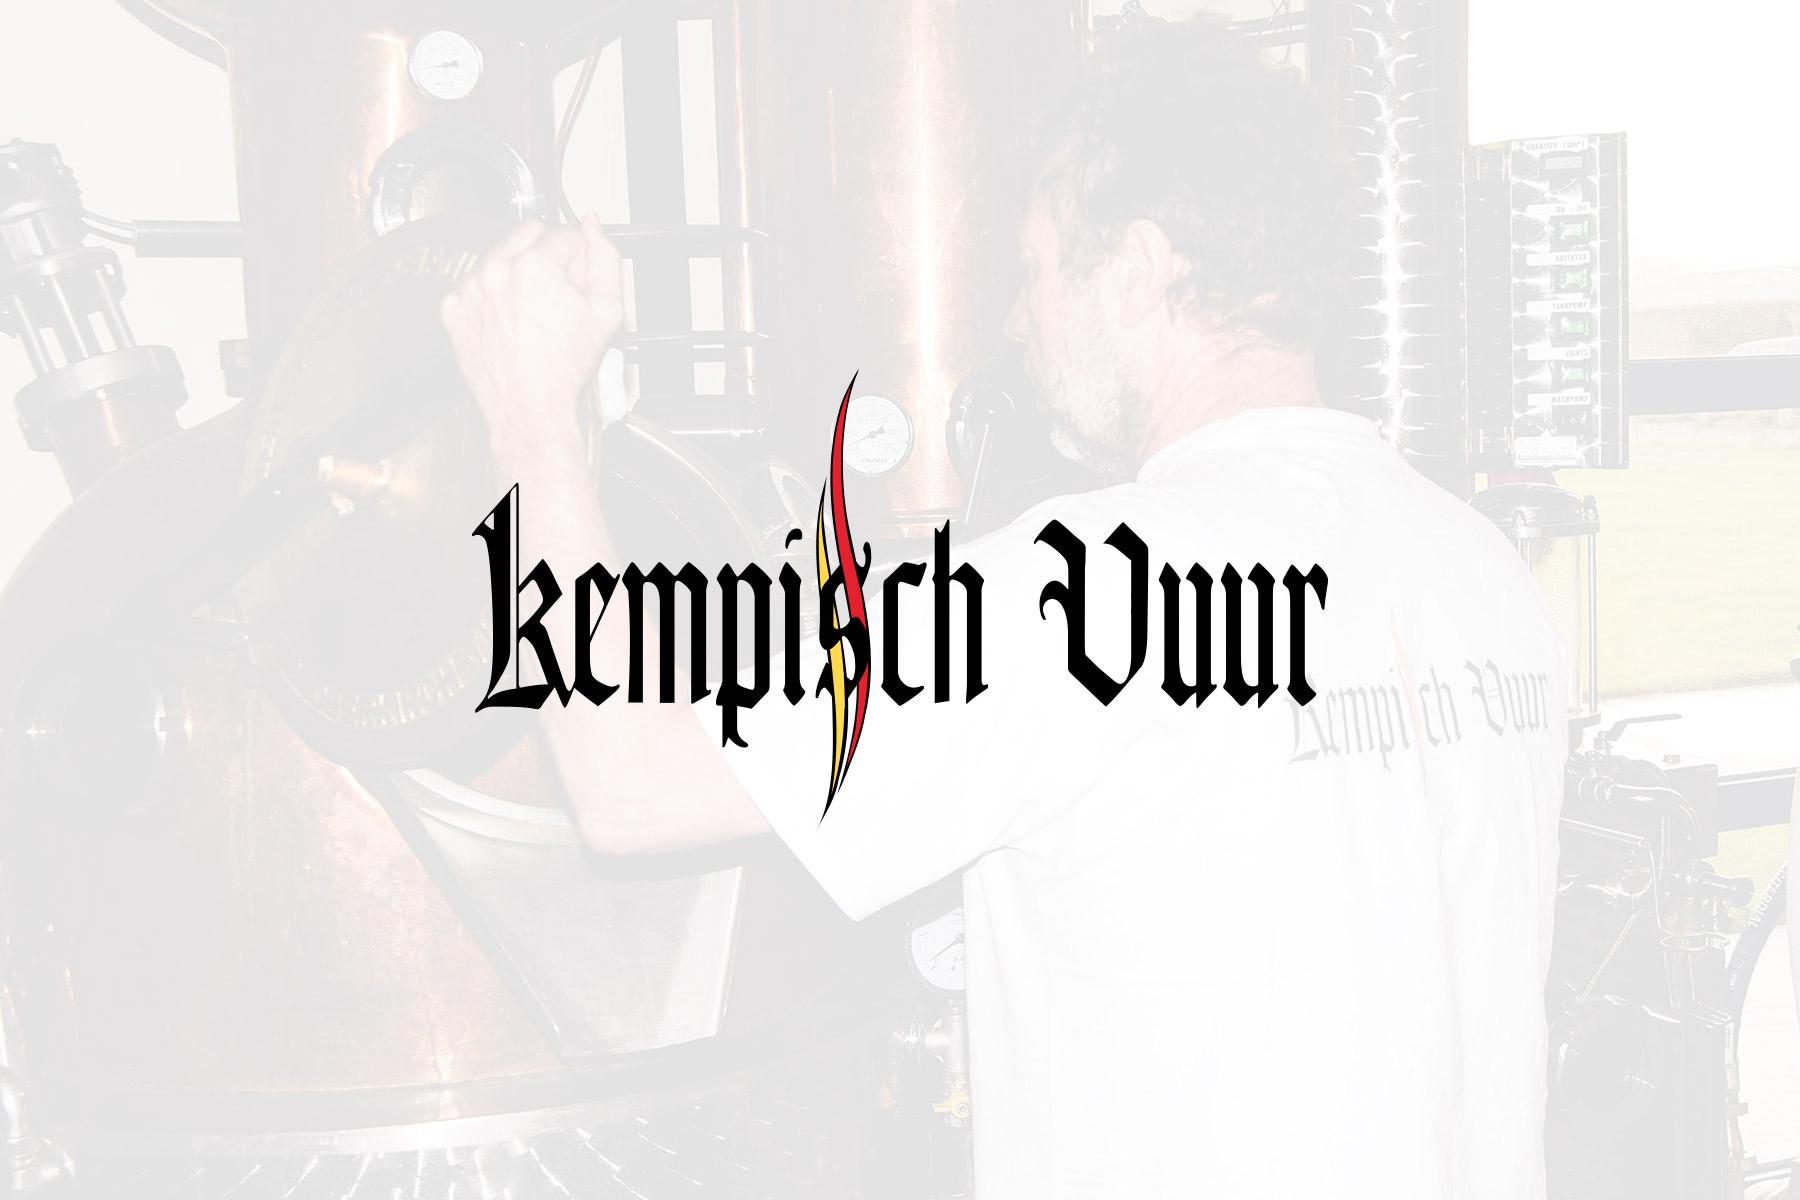 kempisch-vuur-logo-design